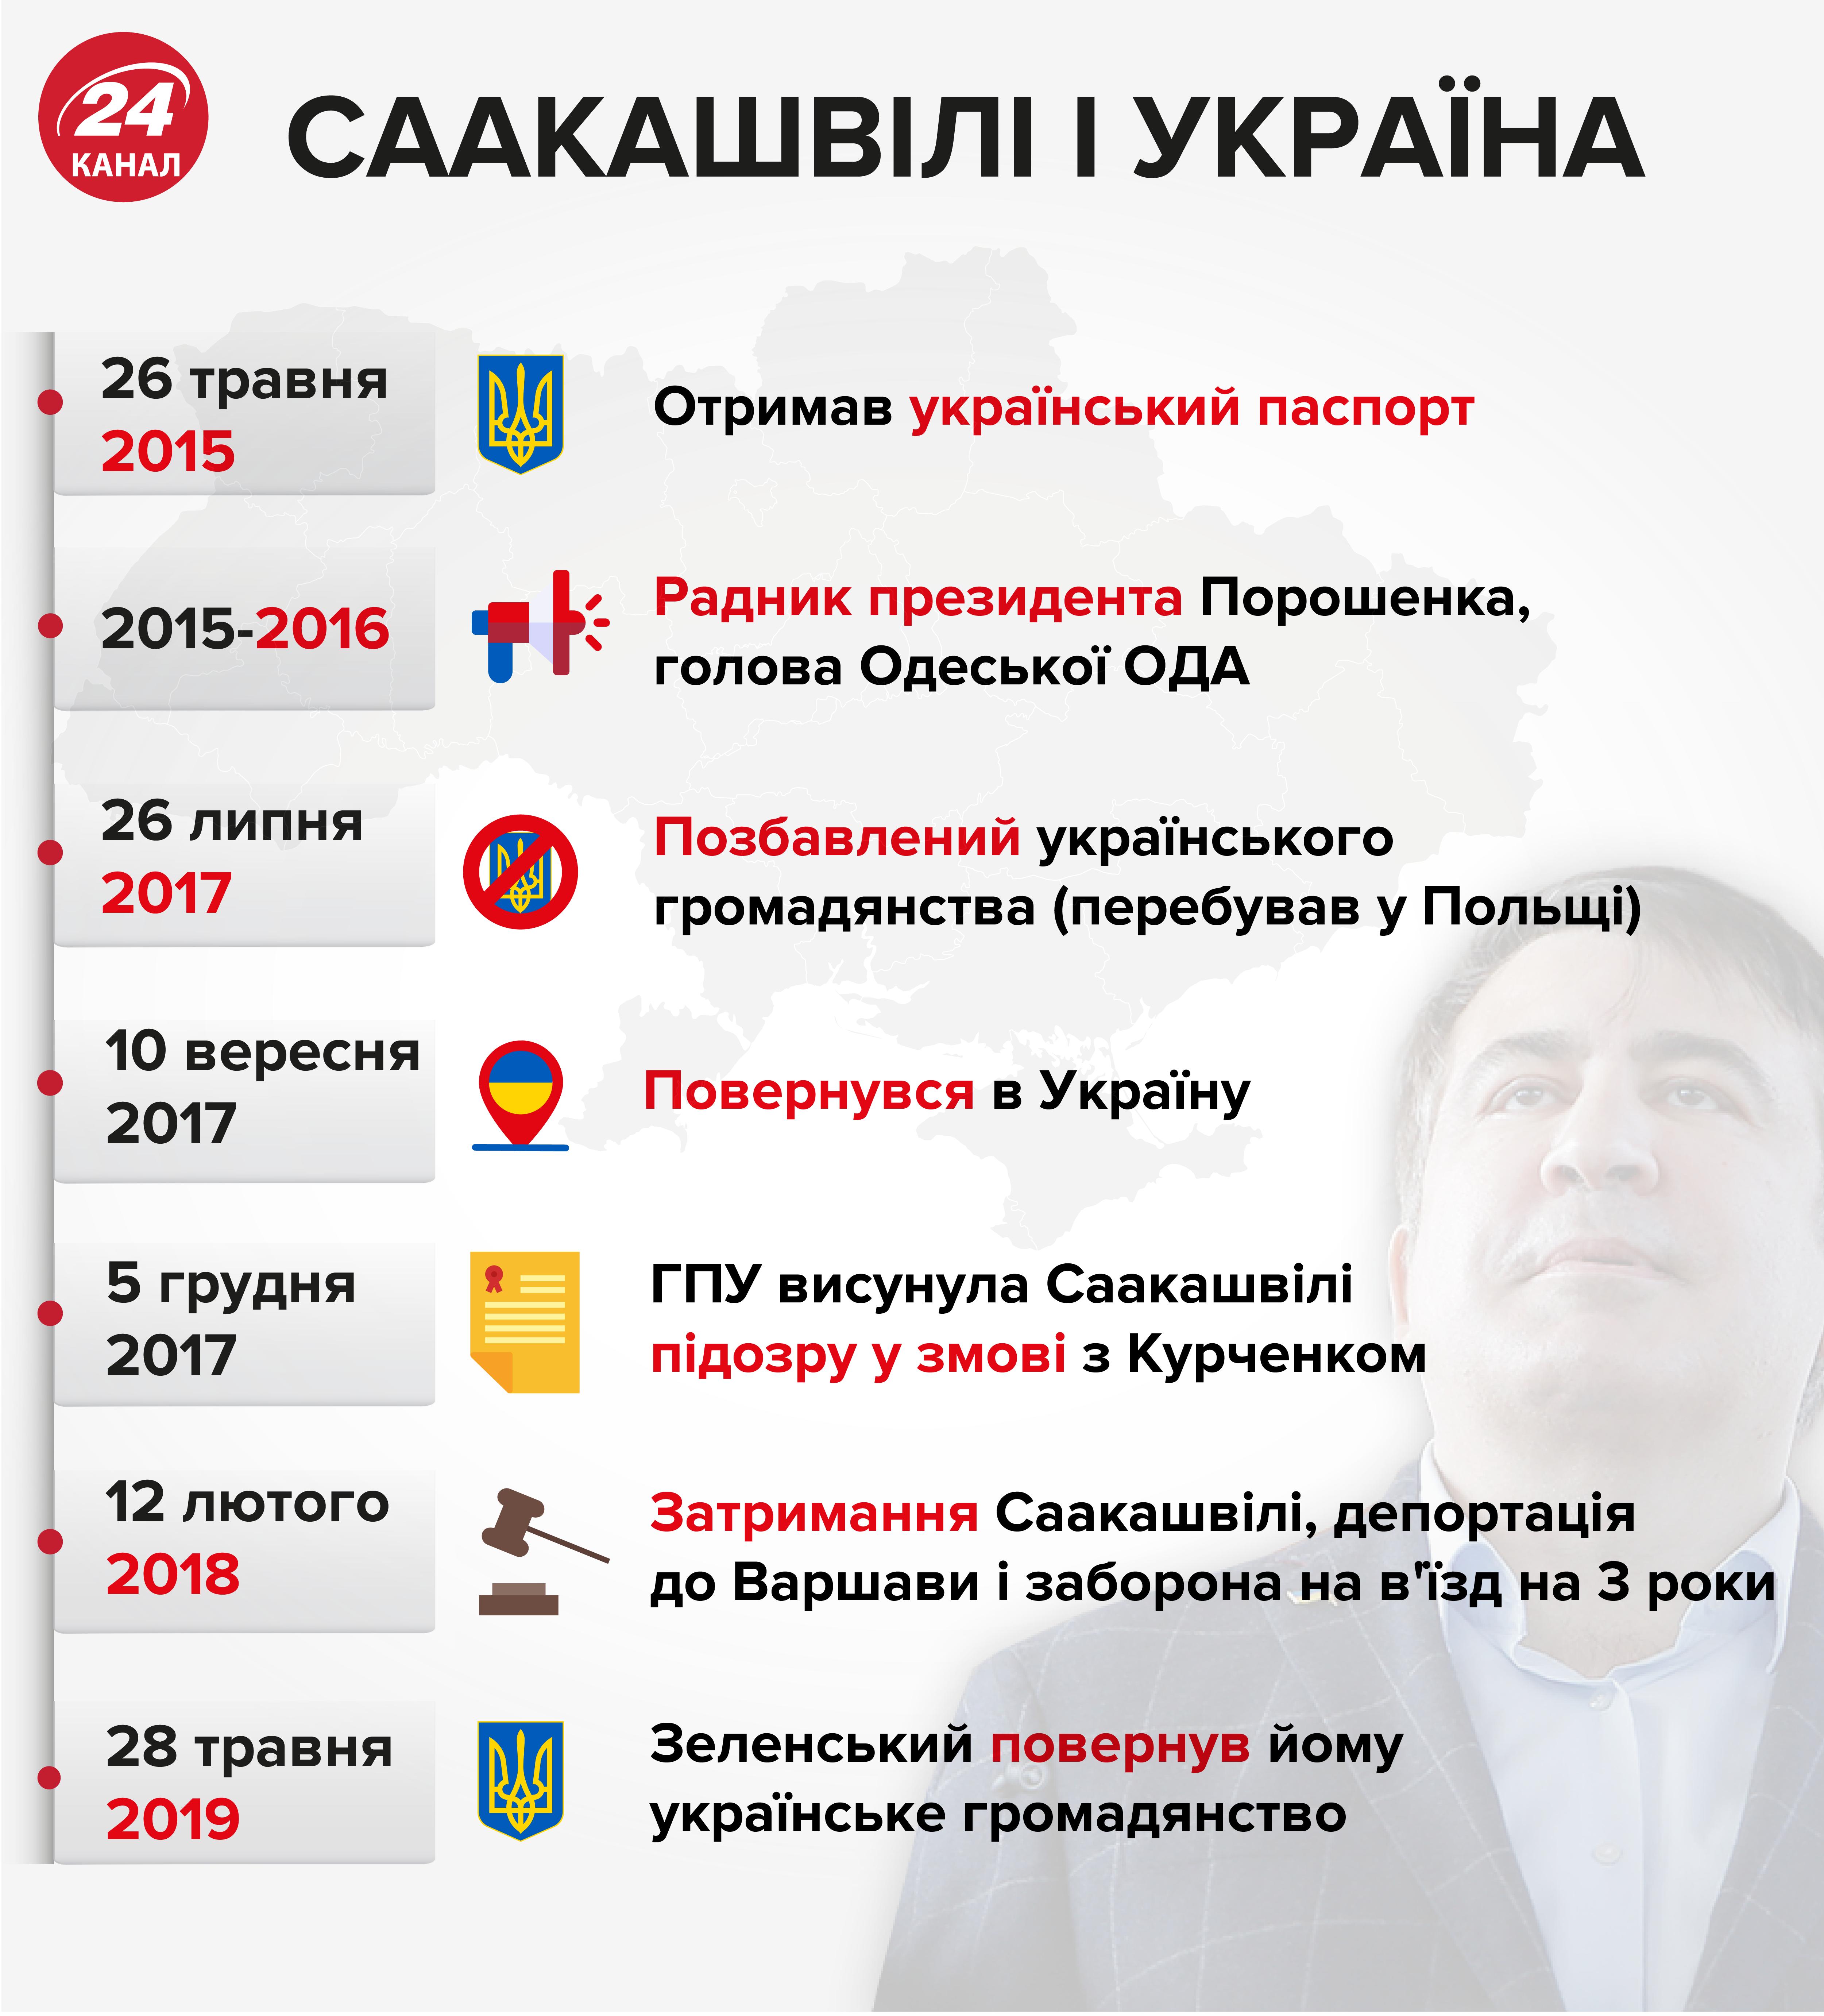 Зеленский считает, что у Саакашвили есть потенциал для поддержки правительства Украины, – ОПУ